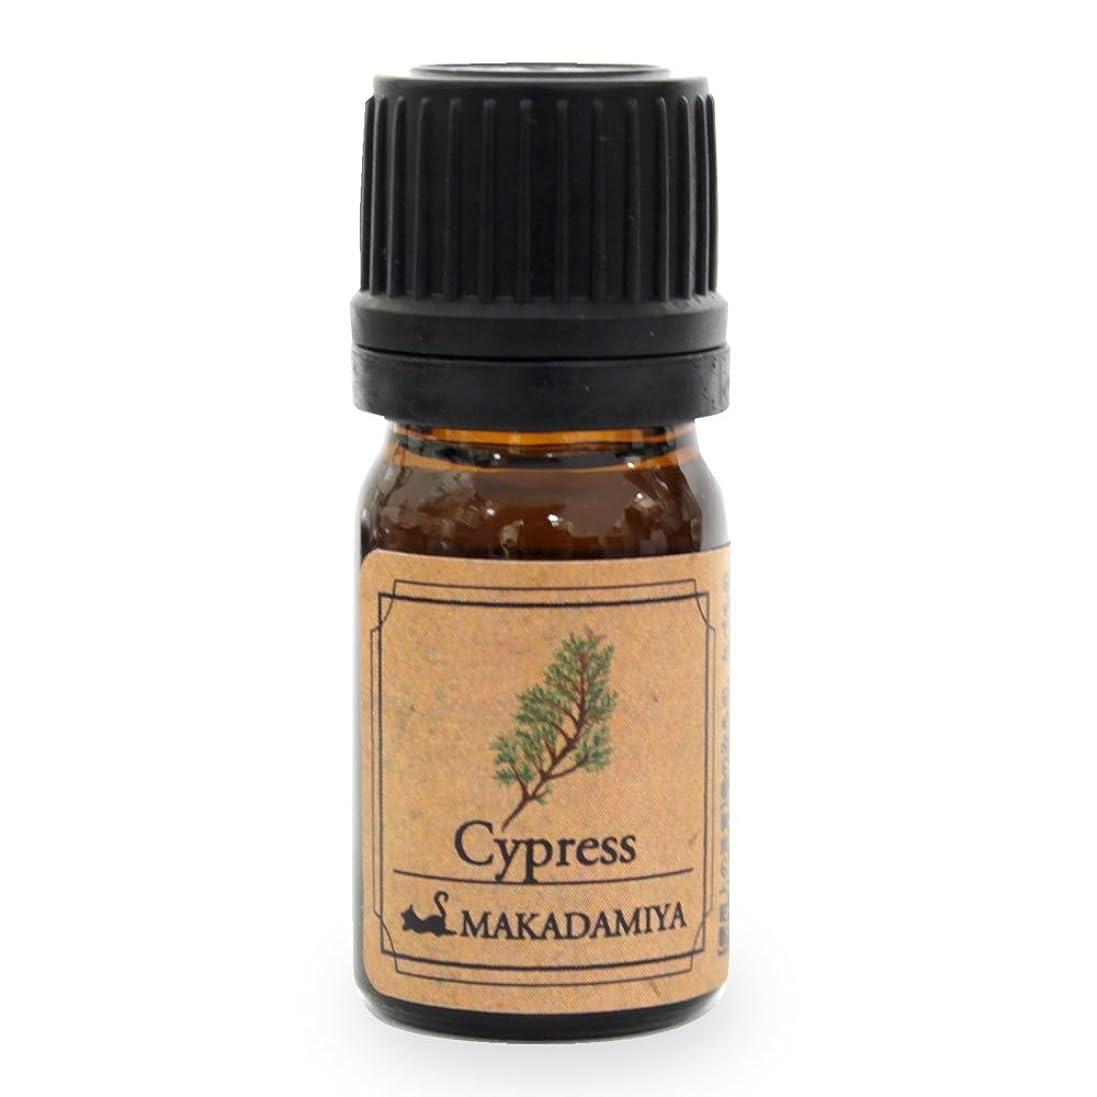 秘密の創始者大聖堂サイプレス5ml 天然100%植物性 エッセンシャルオイル(精油) アロマオイル アロママッサージ aroma Cypress